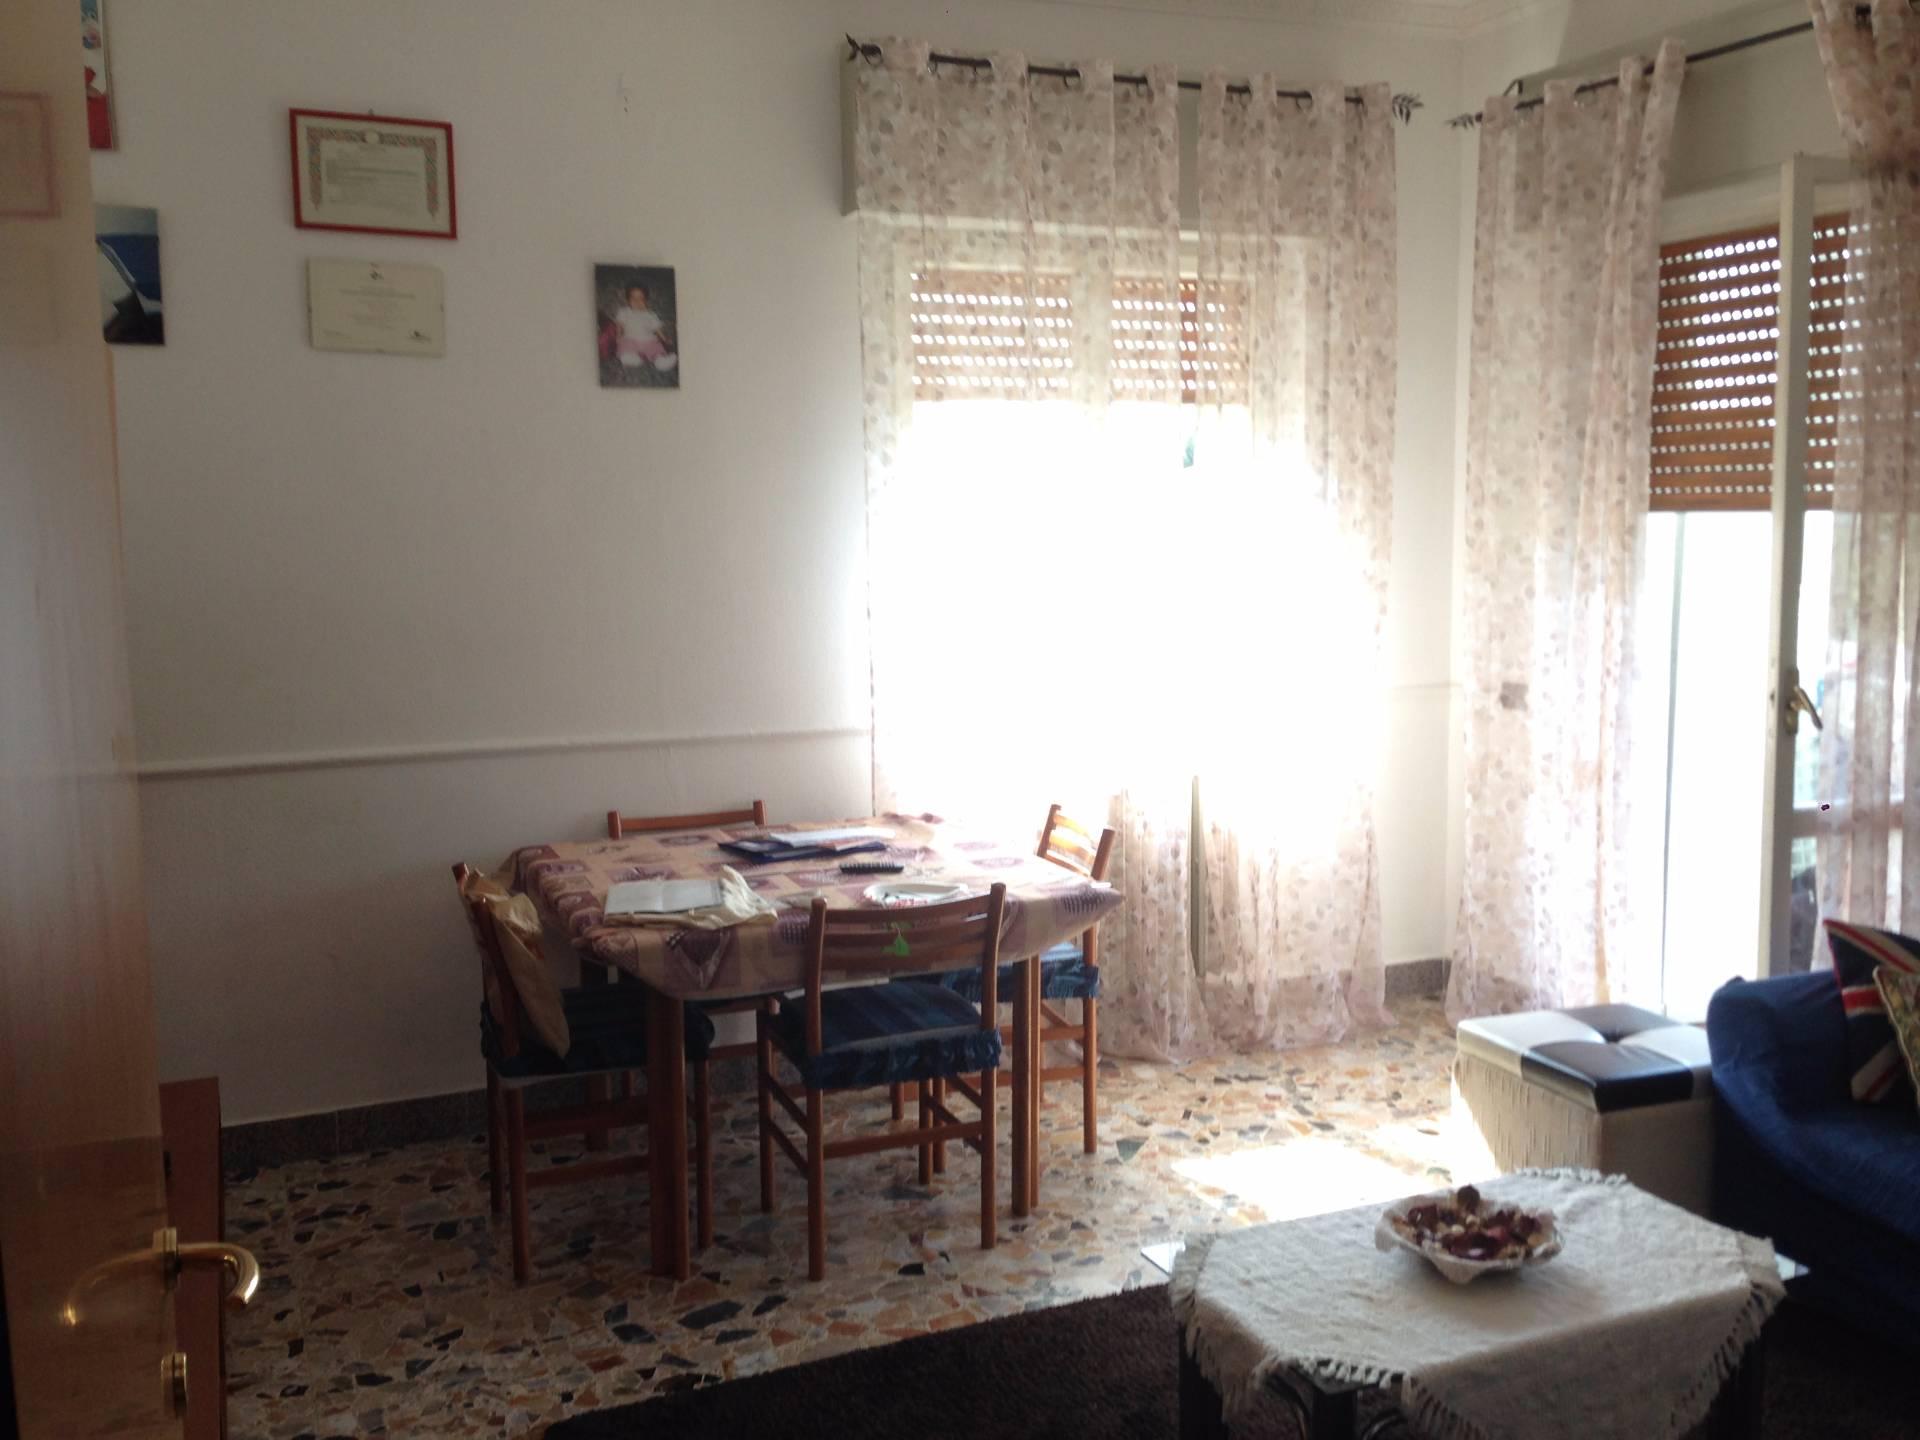 Appartamento in vendita a Monte Marenzo, 3 locali, prezzo € 55.000 | CambioCasa.it